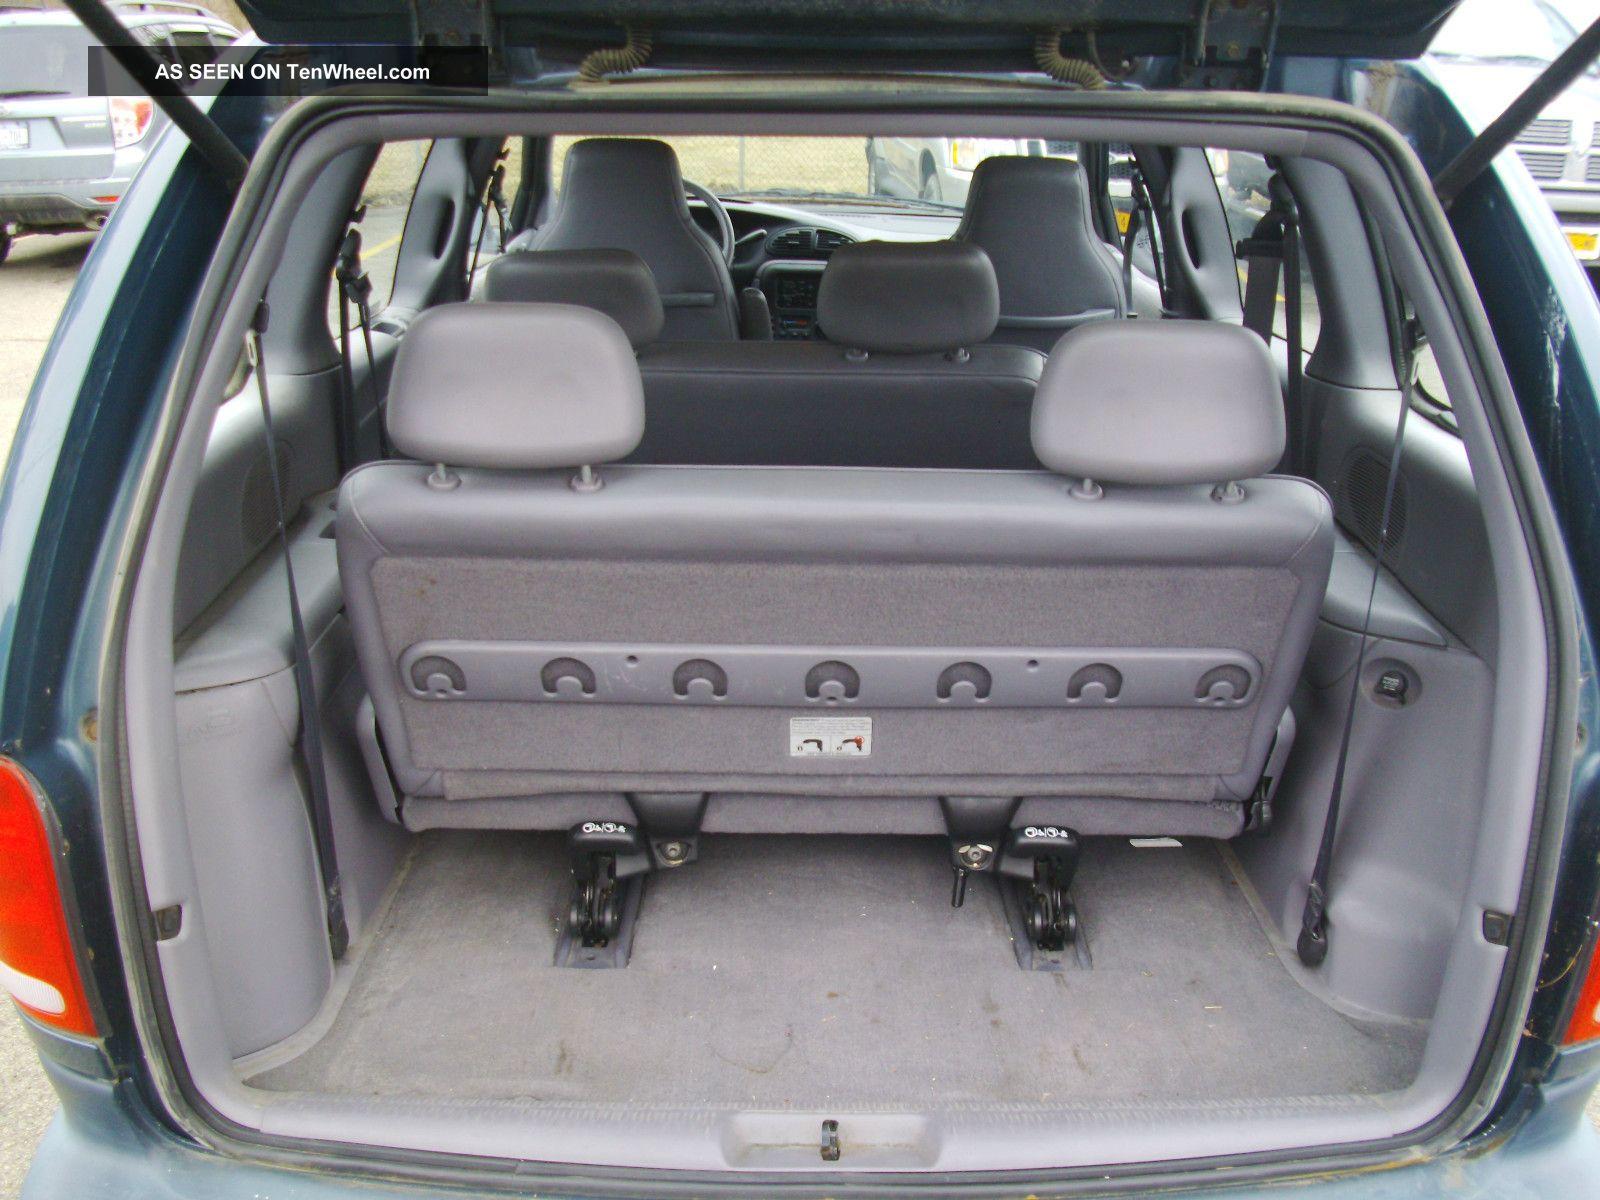 2000 Dodge Caravan 3 3l Base 7 Passenger Van 4 Door Teal 2001 Durango Map Sensor Wiring Diagram